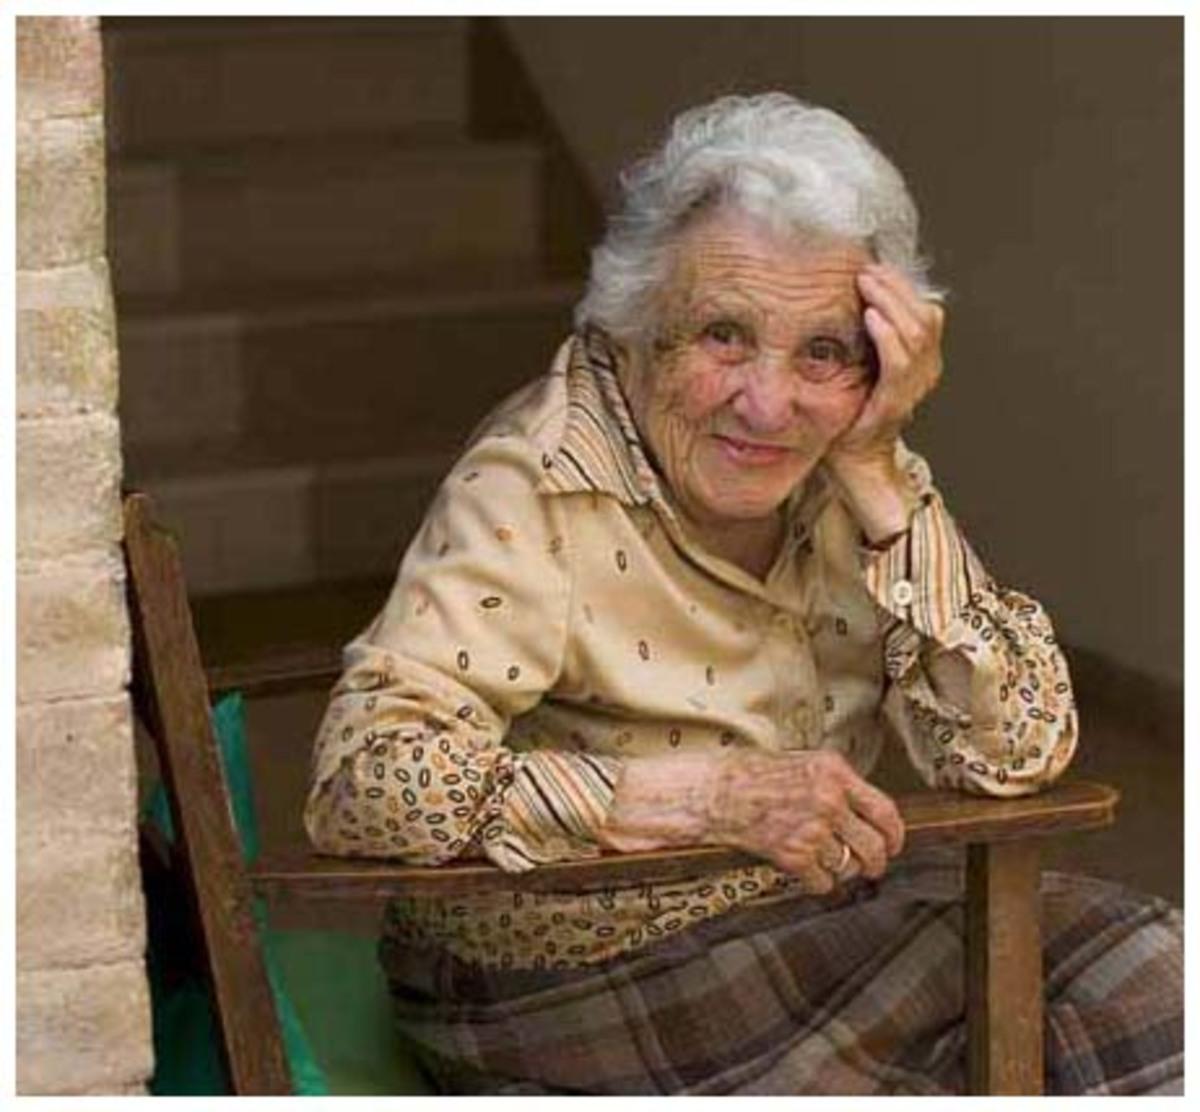 Μία ηλικιωμένη 101 ετών δεν έγινε δεκτή σε οίκο ευγηρίας – Ποιός ο λόγος; | Newsit.gr